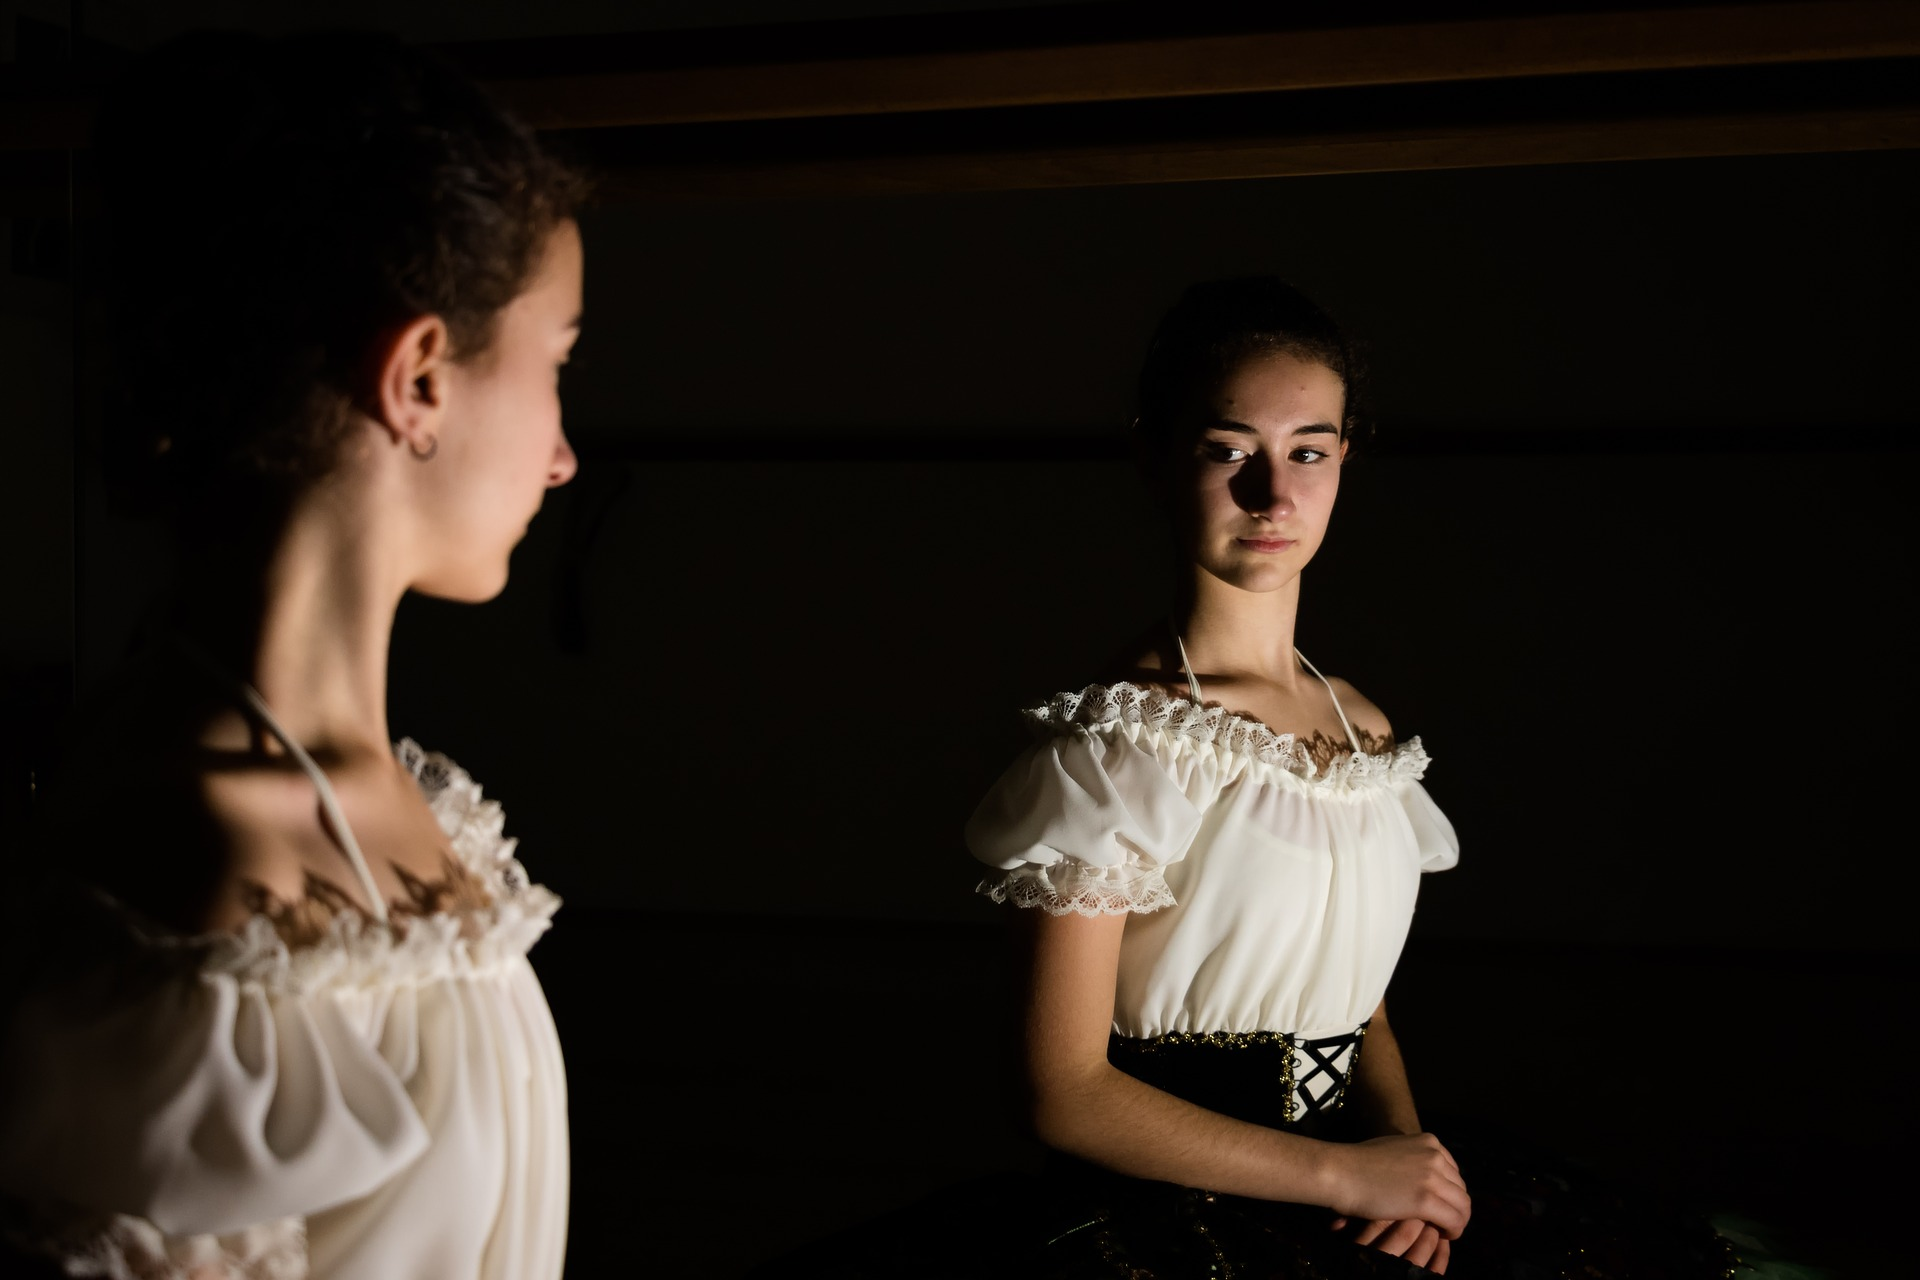 Девочка и ее отражение